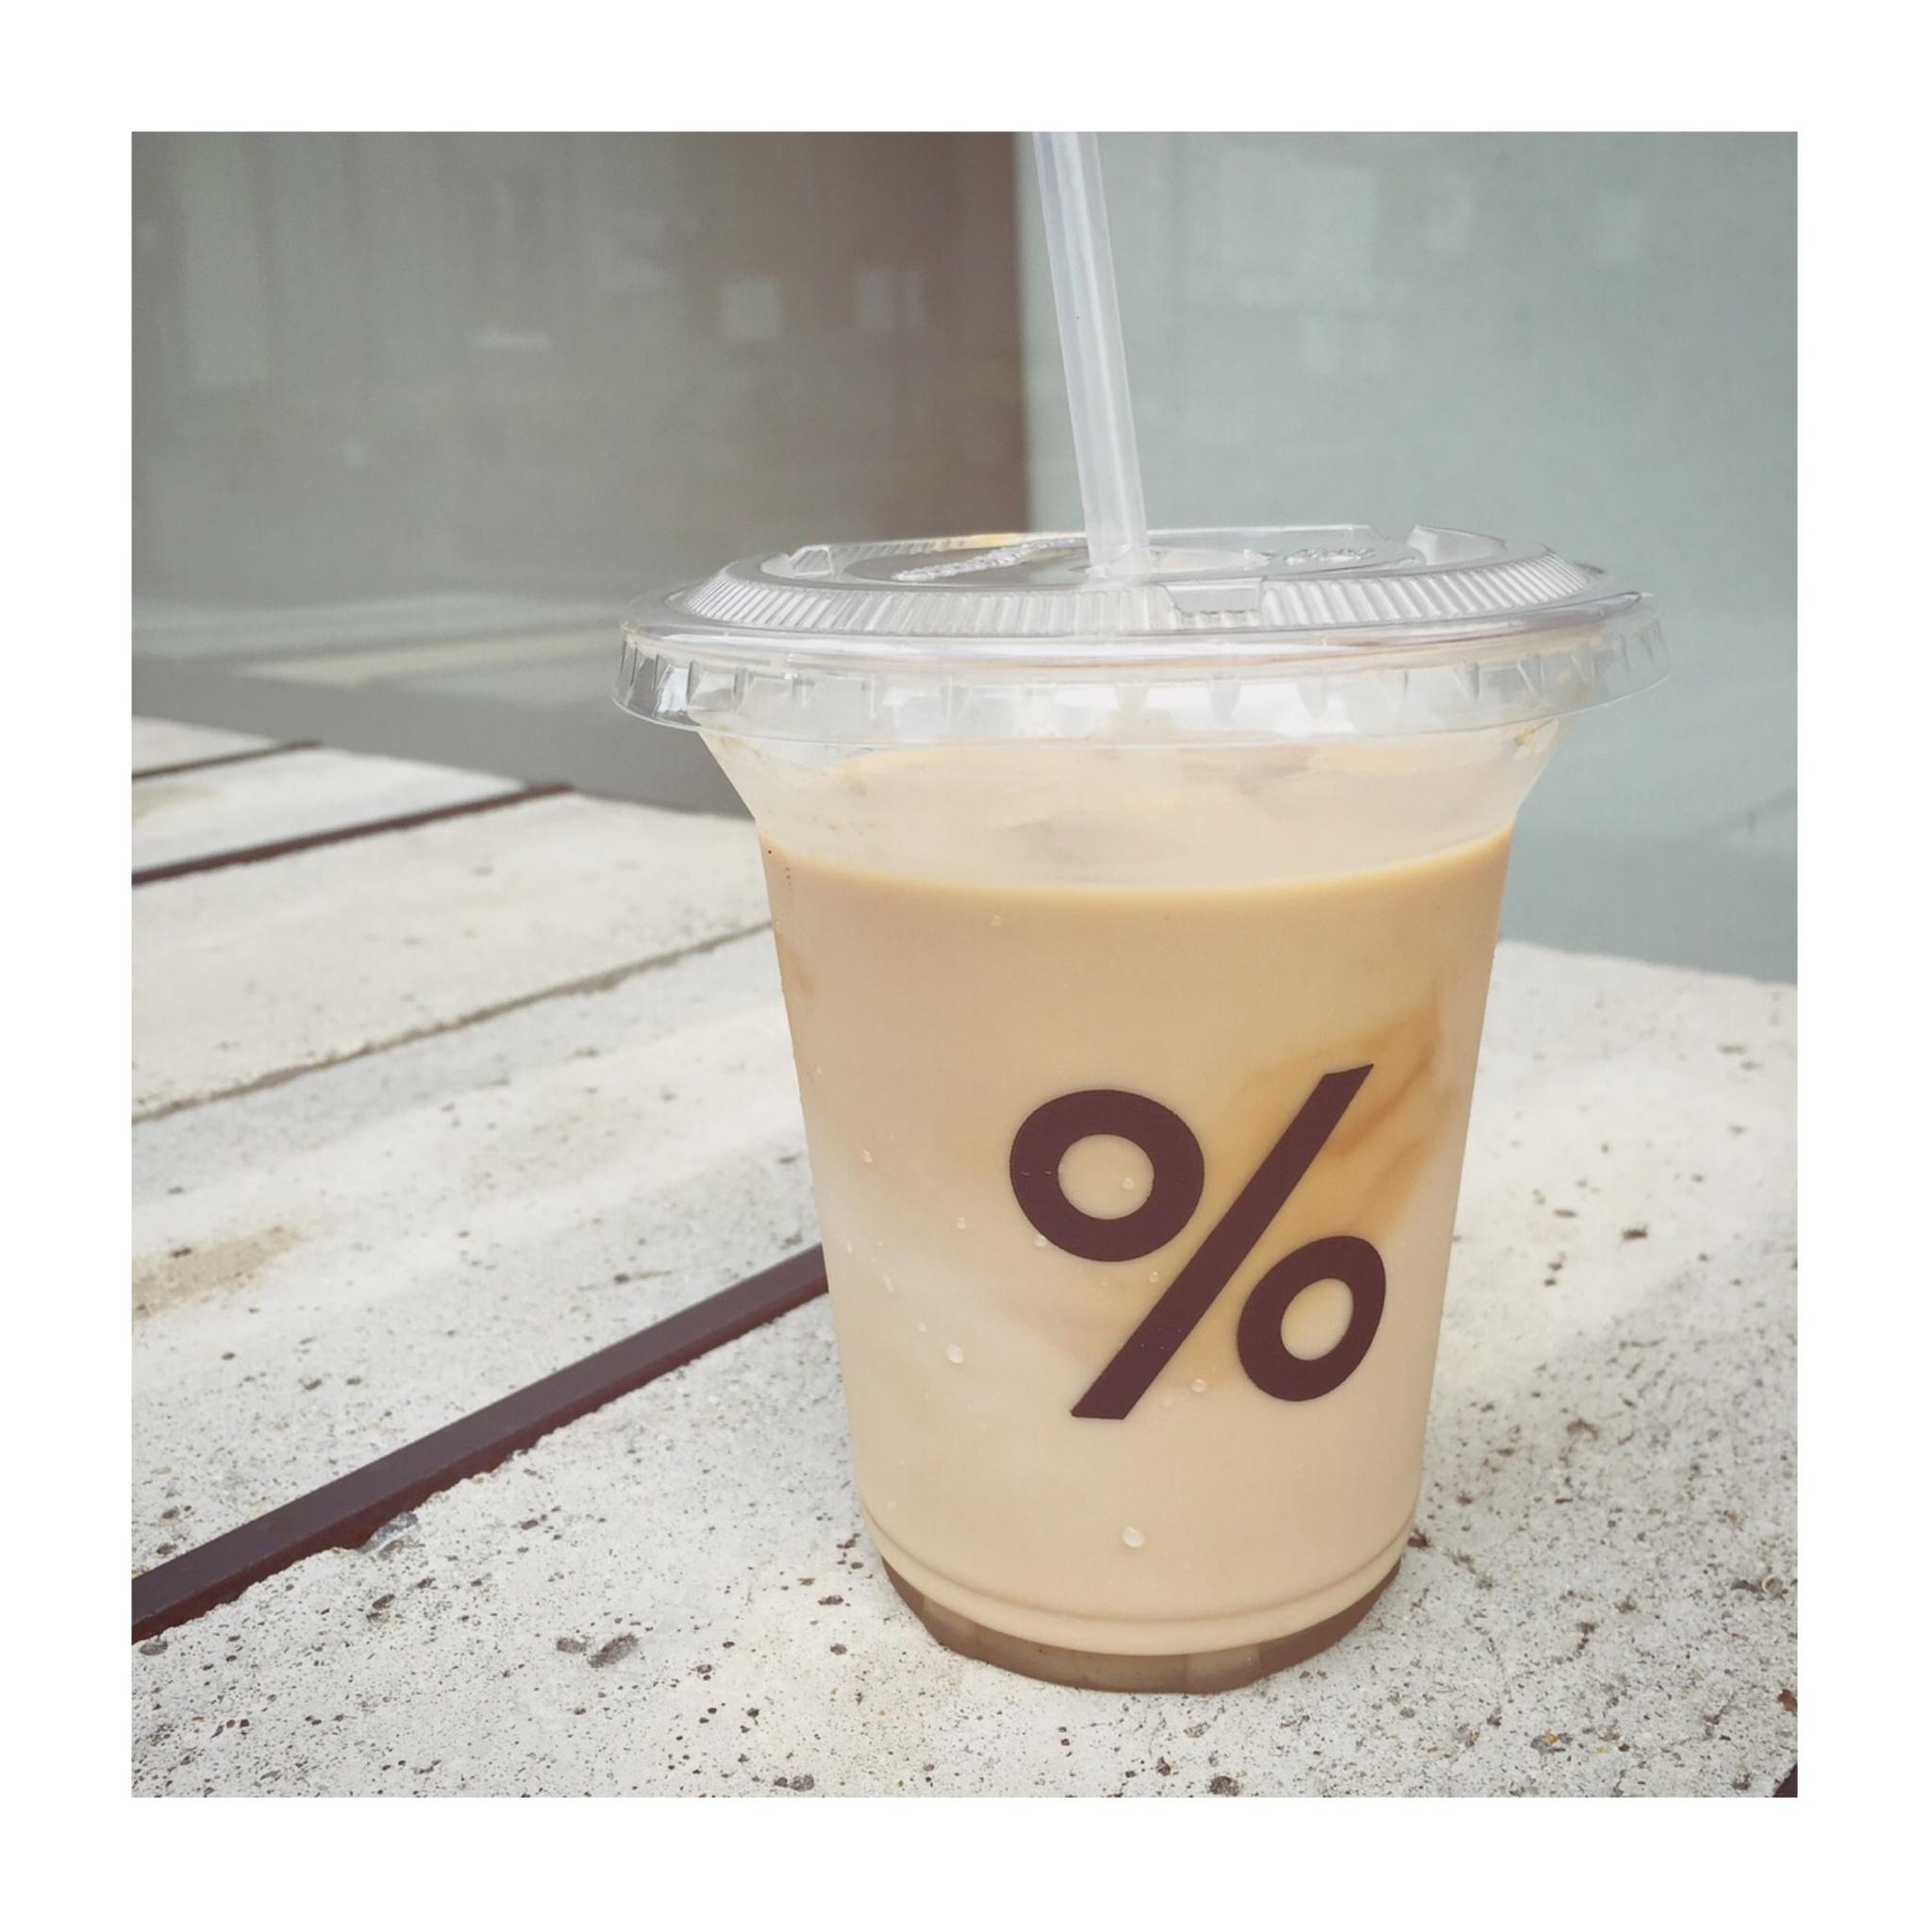 #10【#cafestagram】❤️:《京都》に行ったら寄りたい!おしゃれなカフェ「アラビカ 京都」でこだわりのコーヒーを☻_2